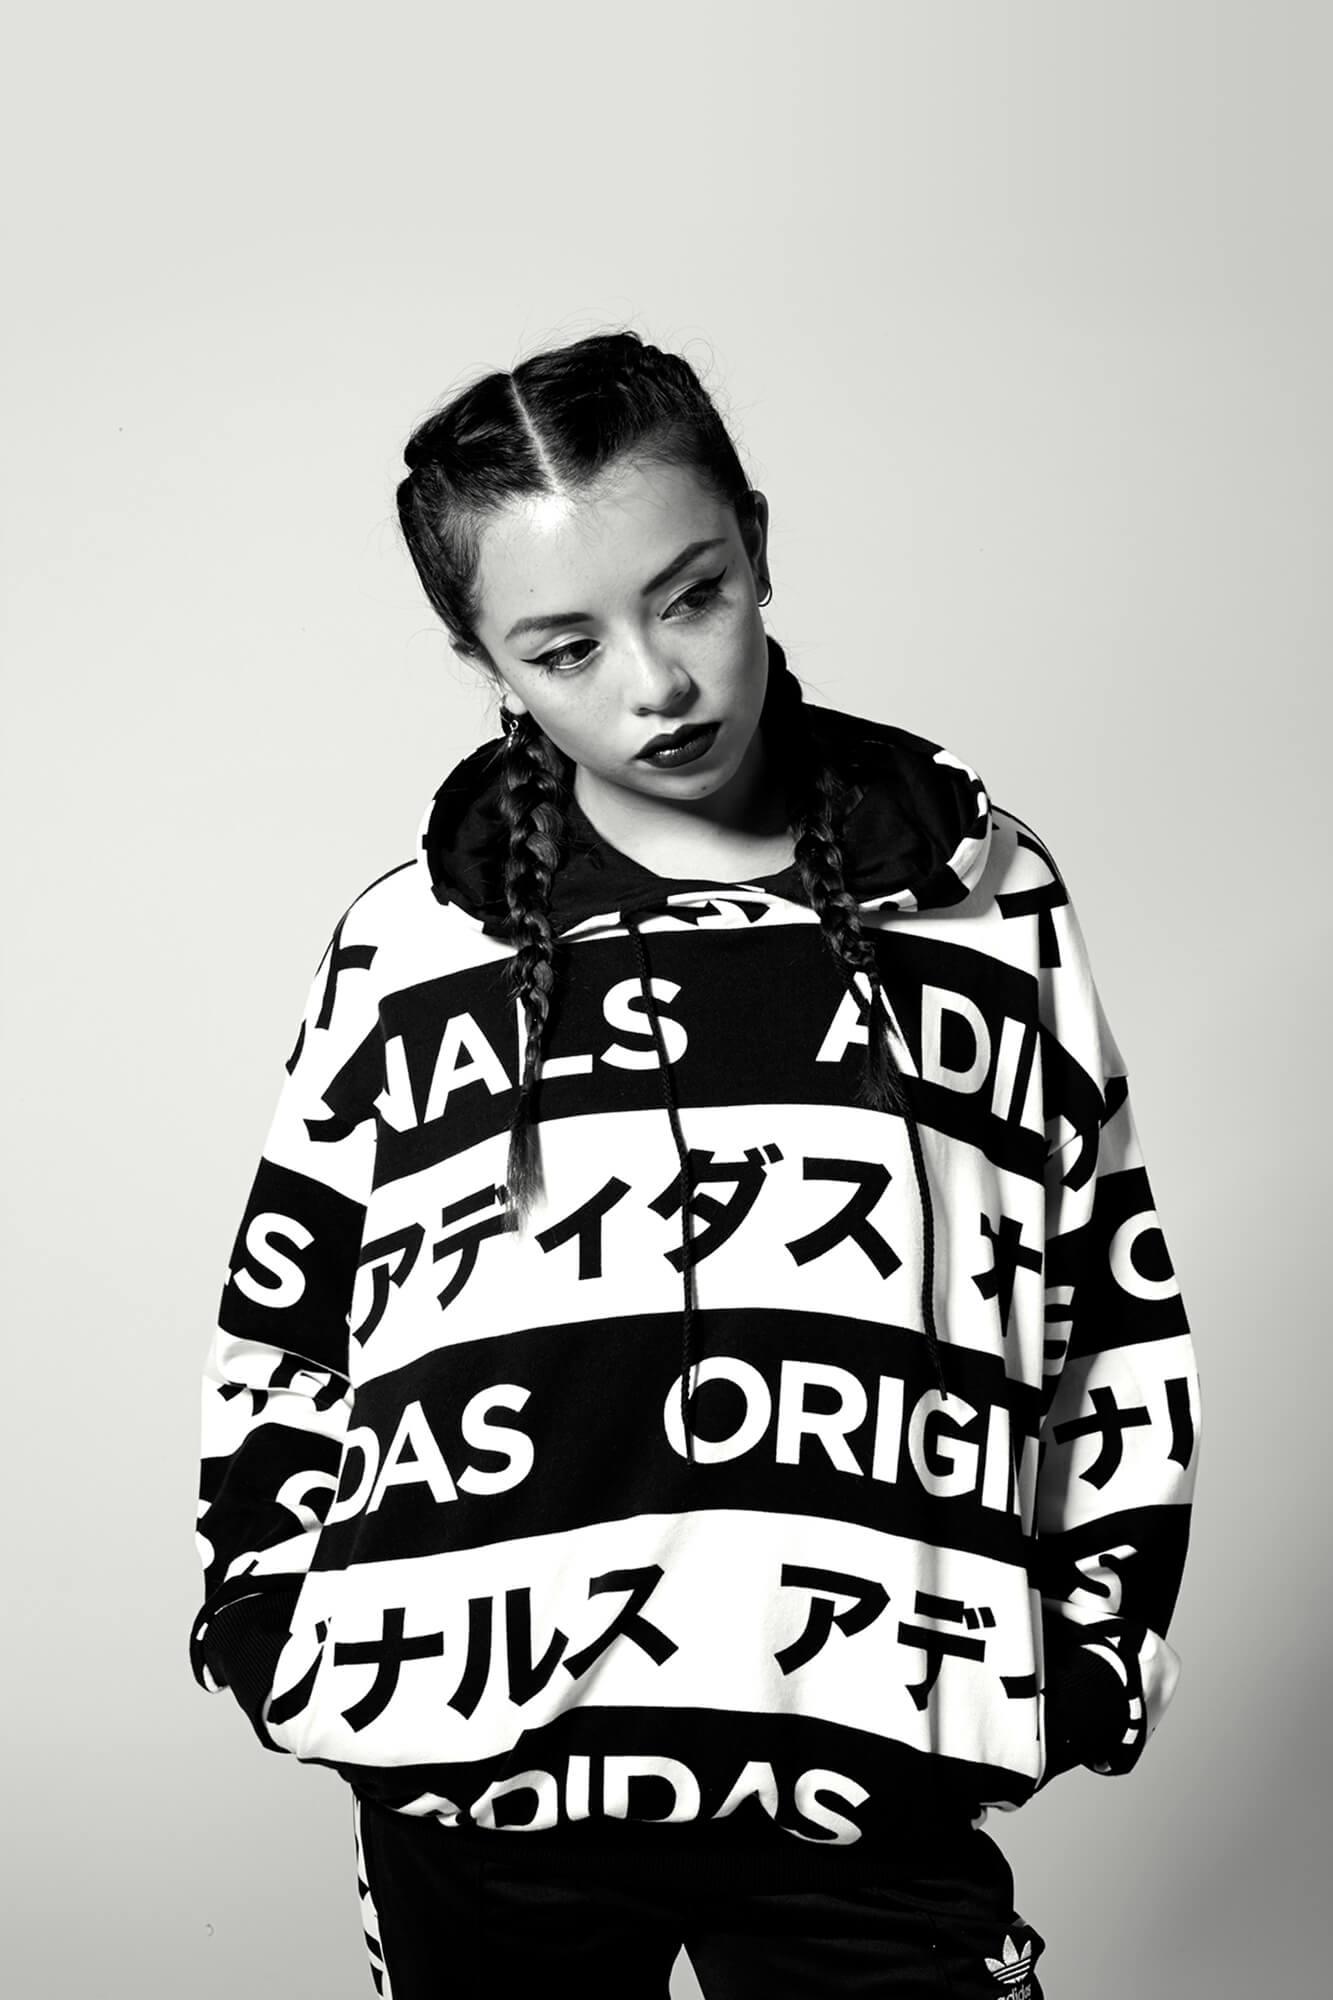 Adidas-Originals-Typo-Capsule-9